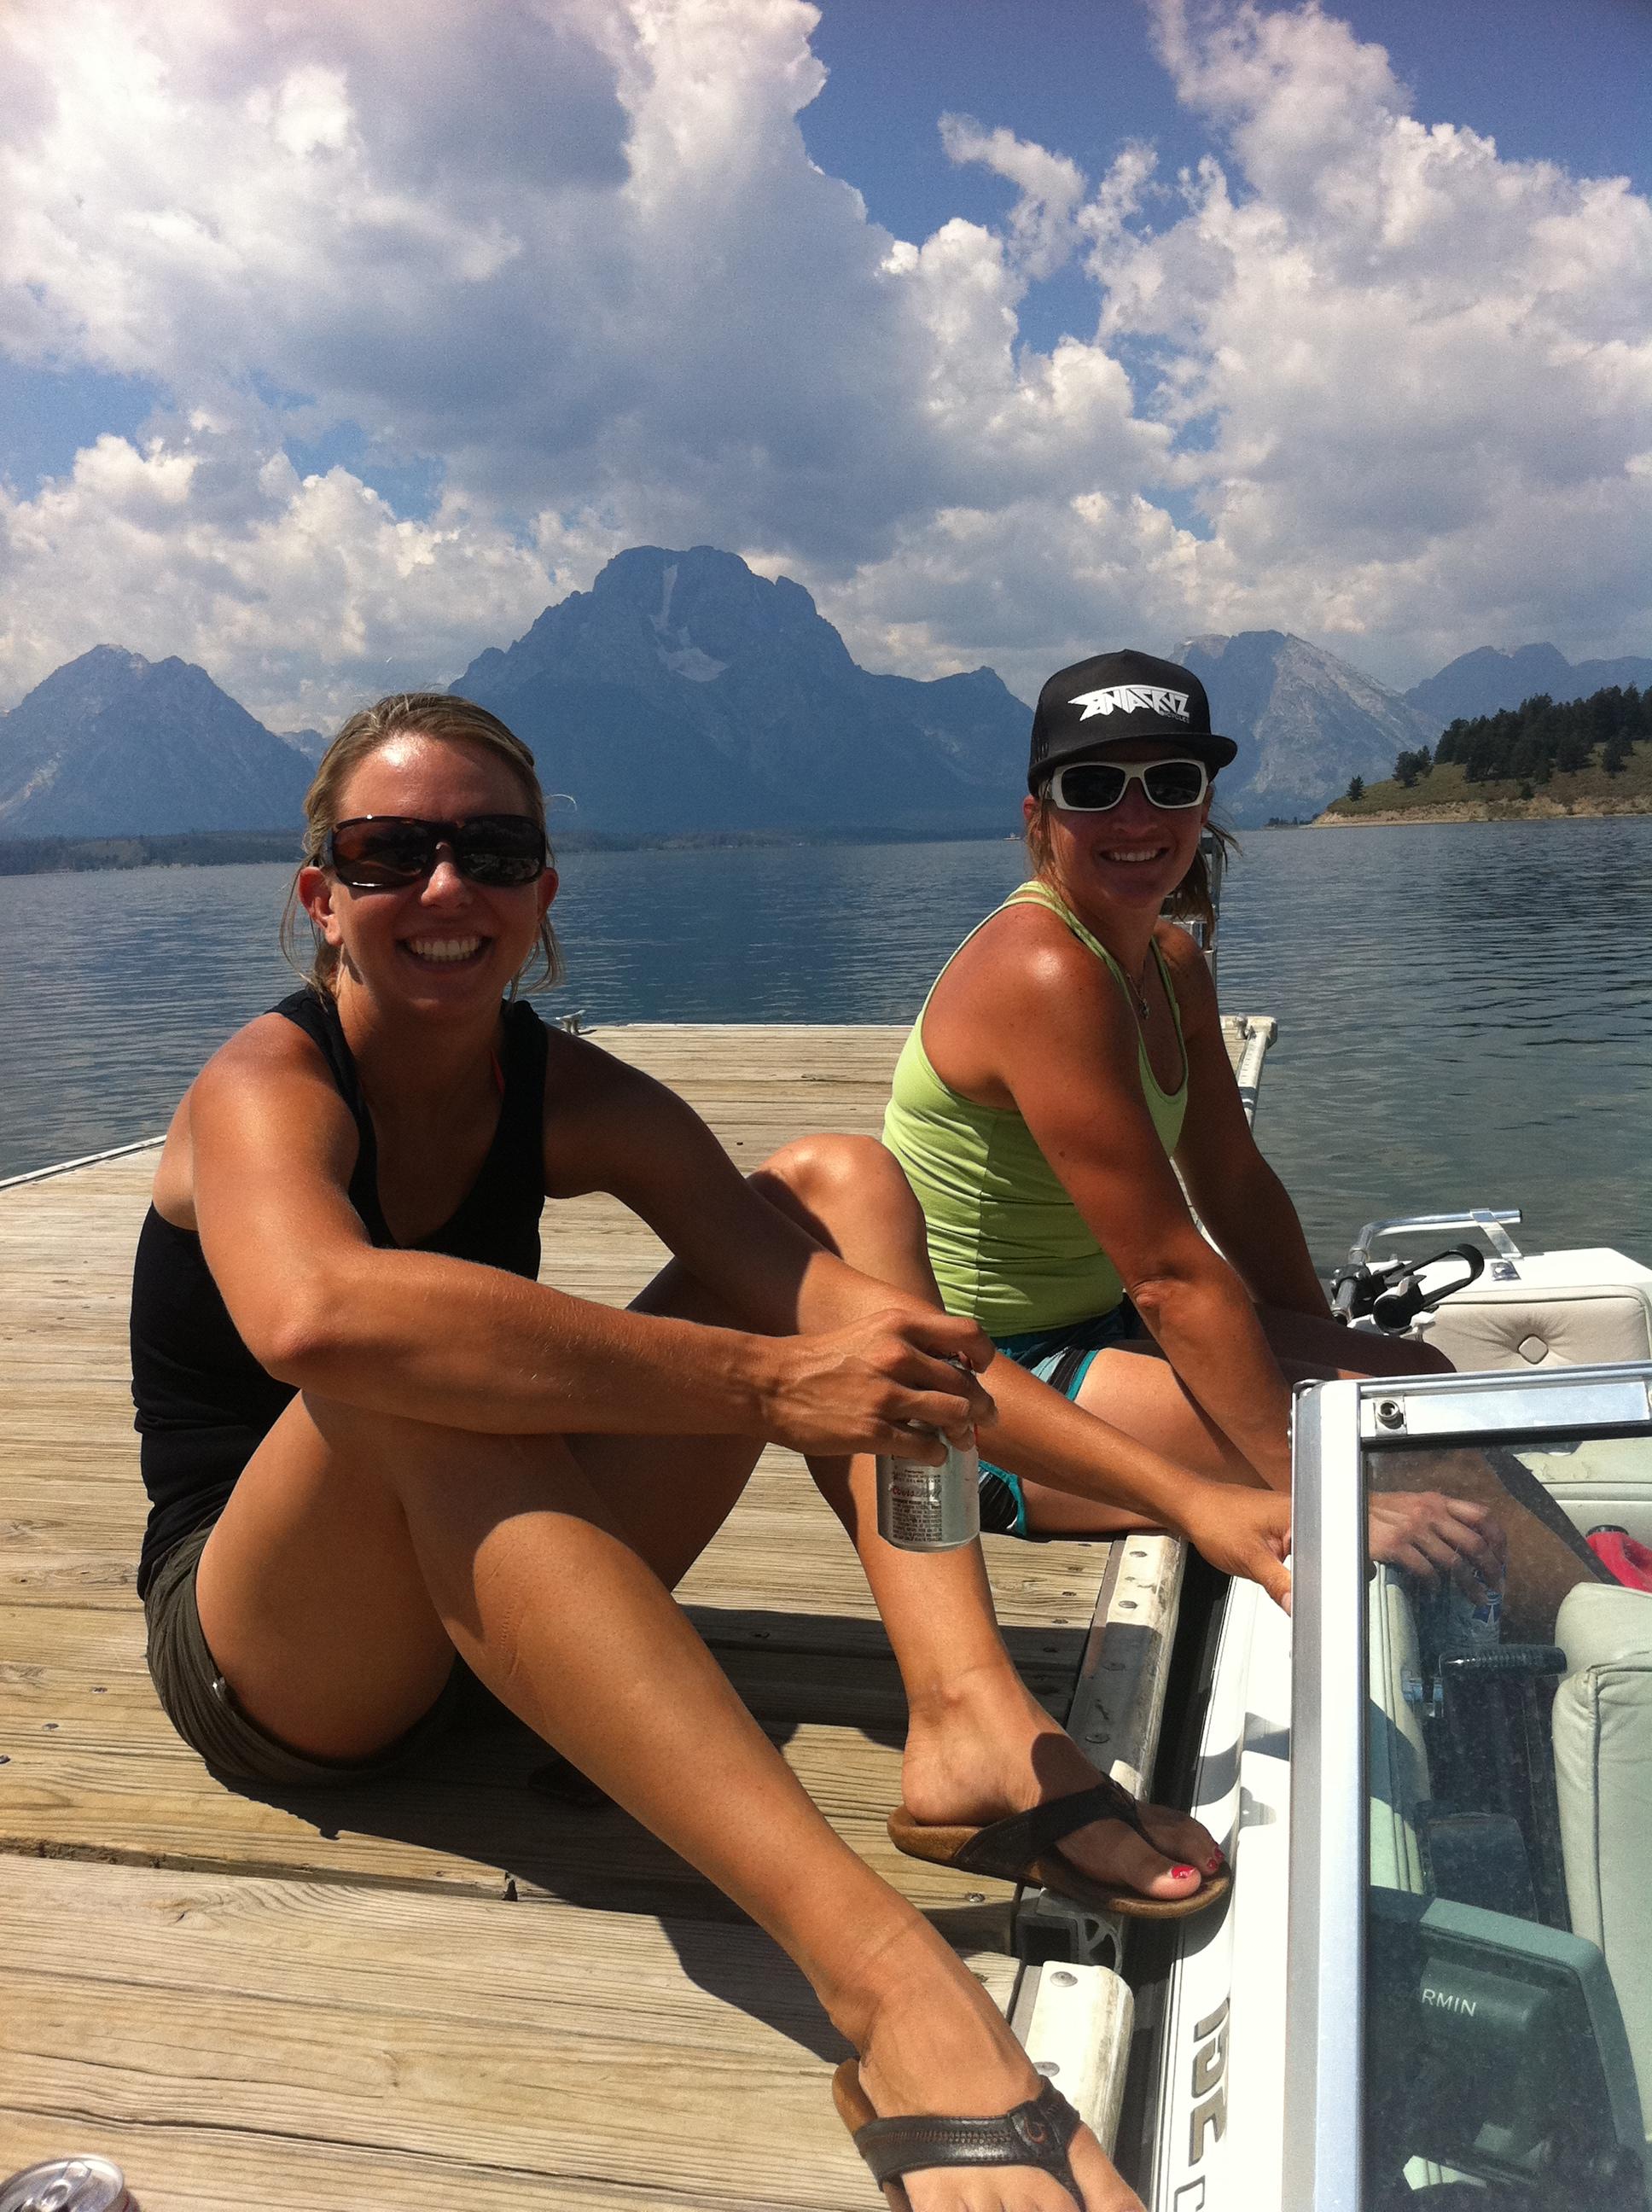 jackson lake day